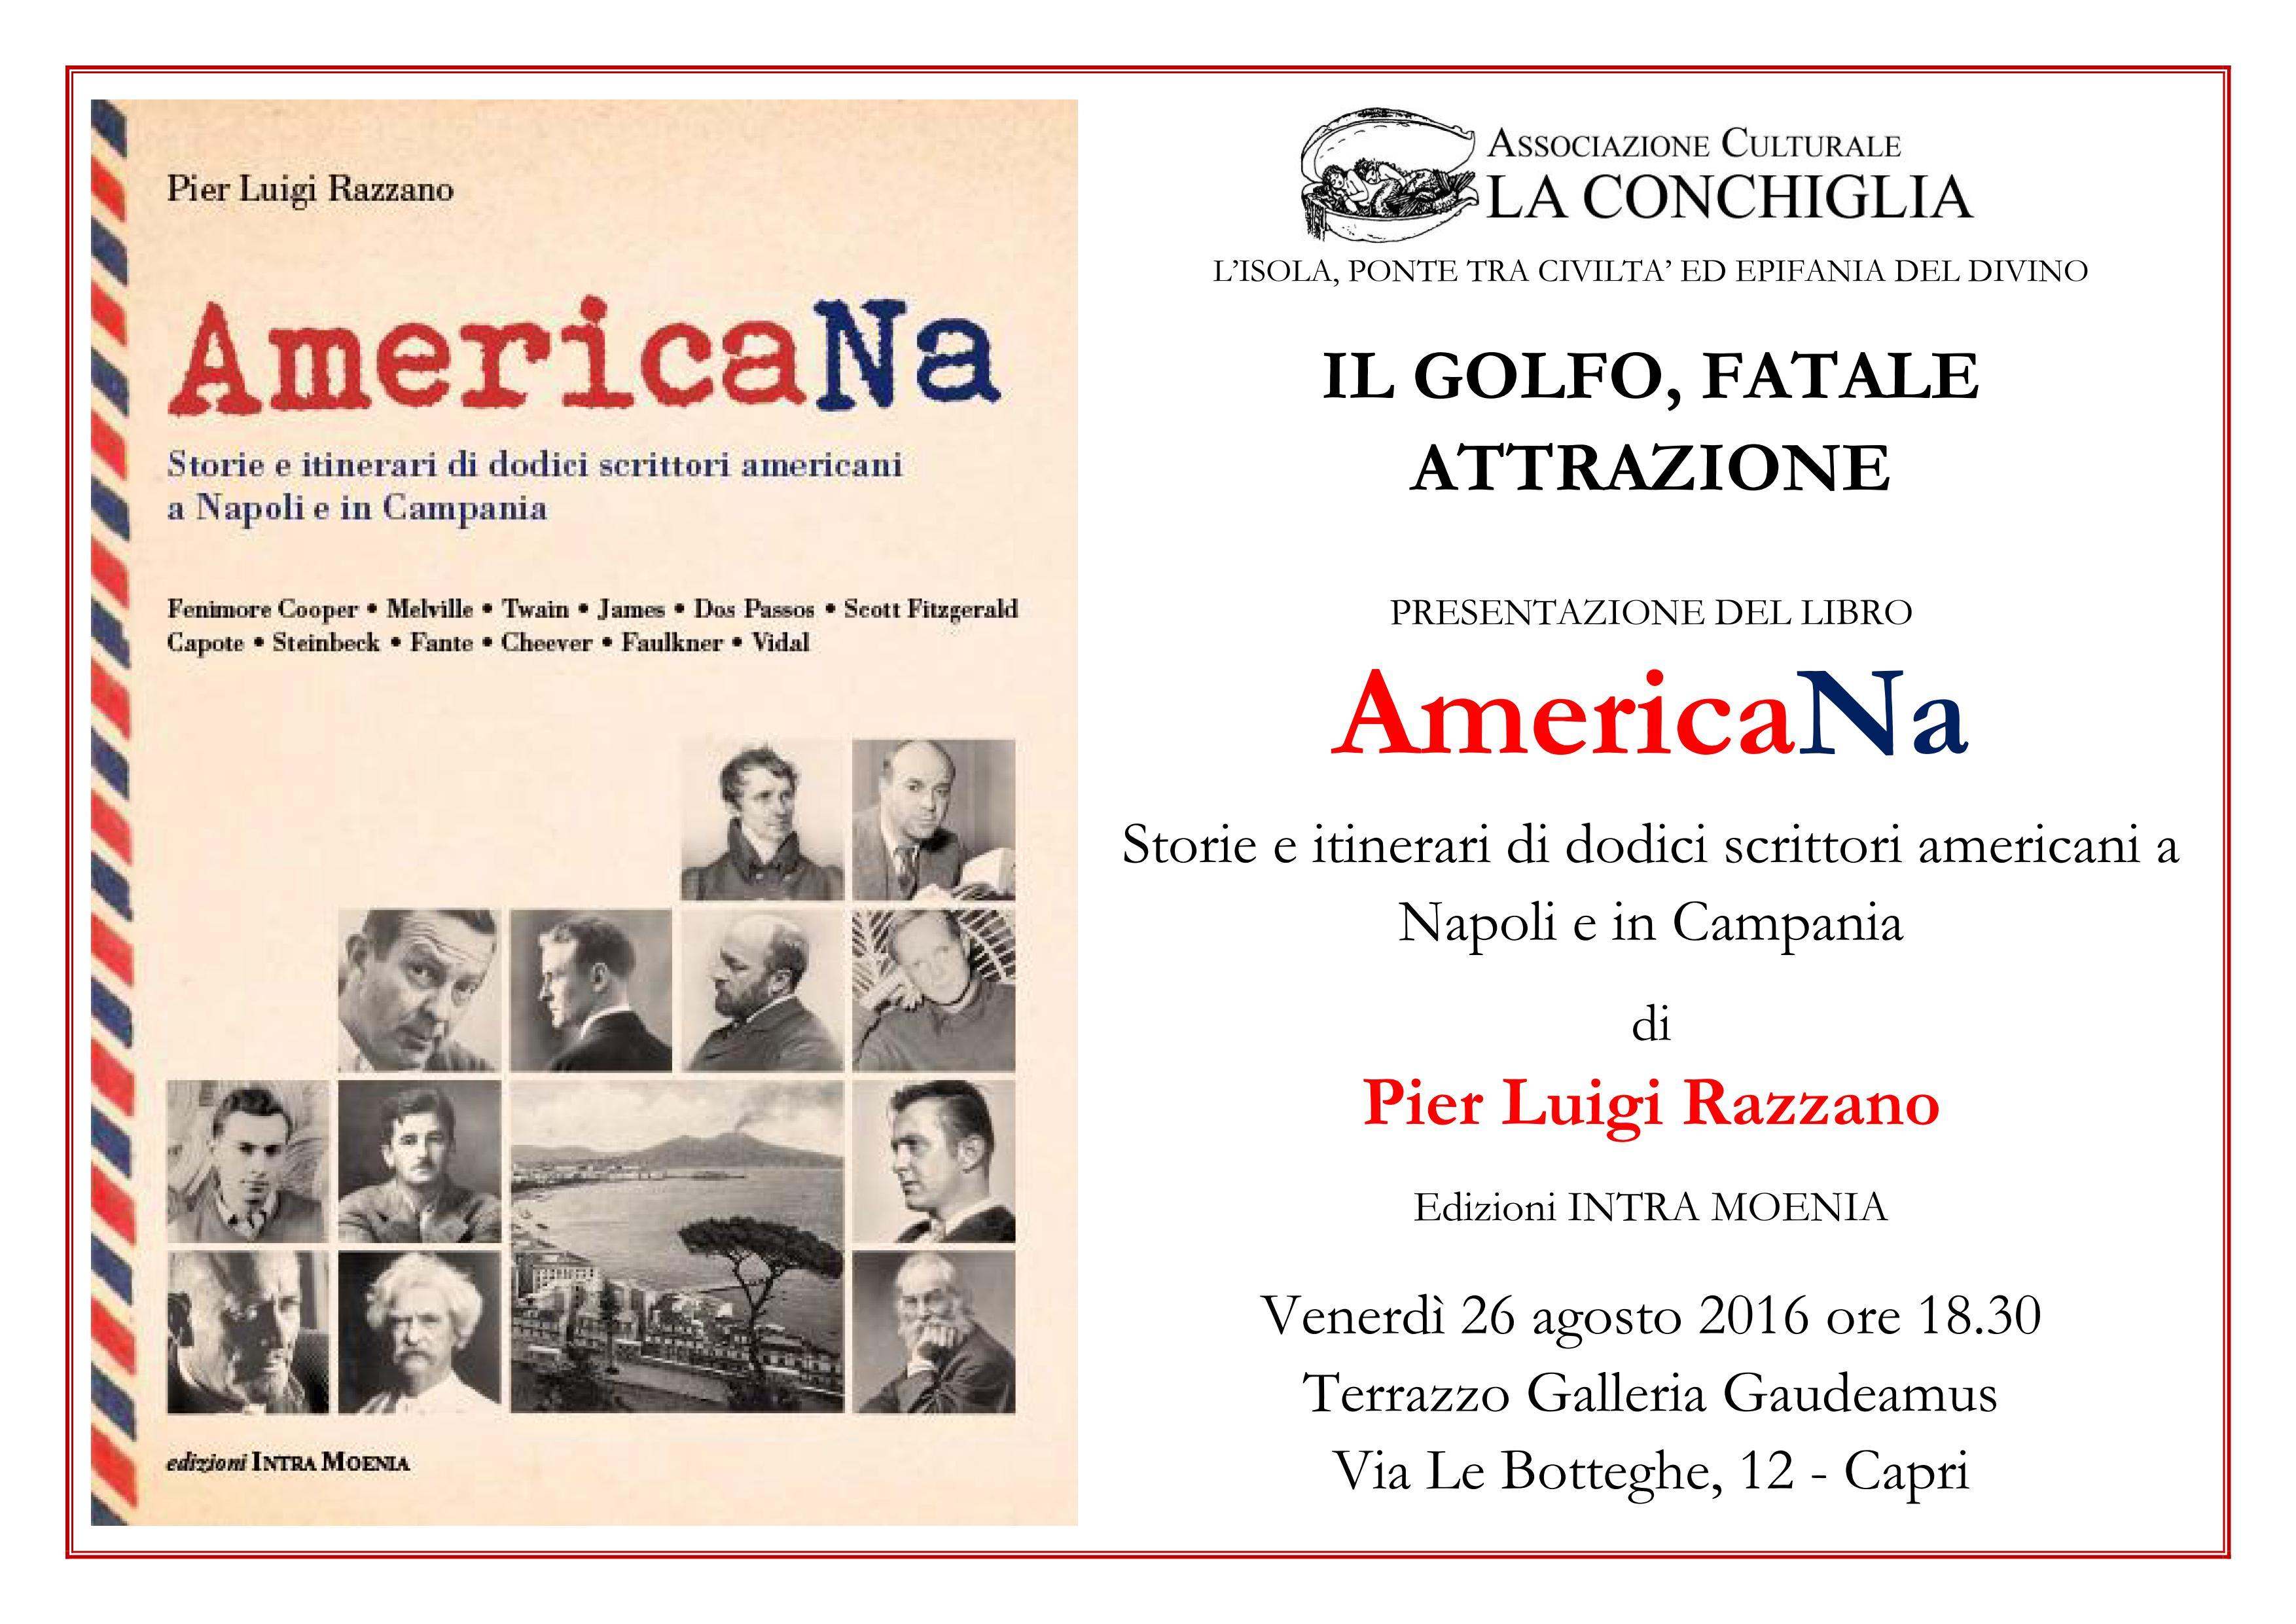 """Presentazione di """"AmericaNa"""" di Pier Luigi Razzano al Terrazzo della Galleria Gaudeamus, venerdì 26 agosto 2016"""